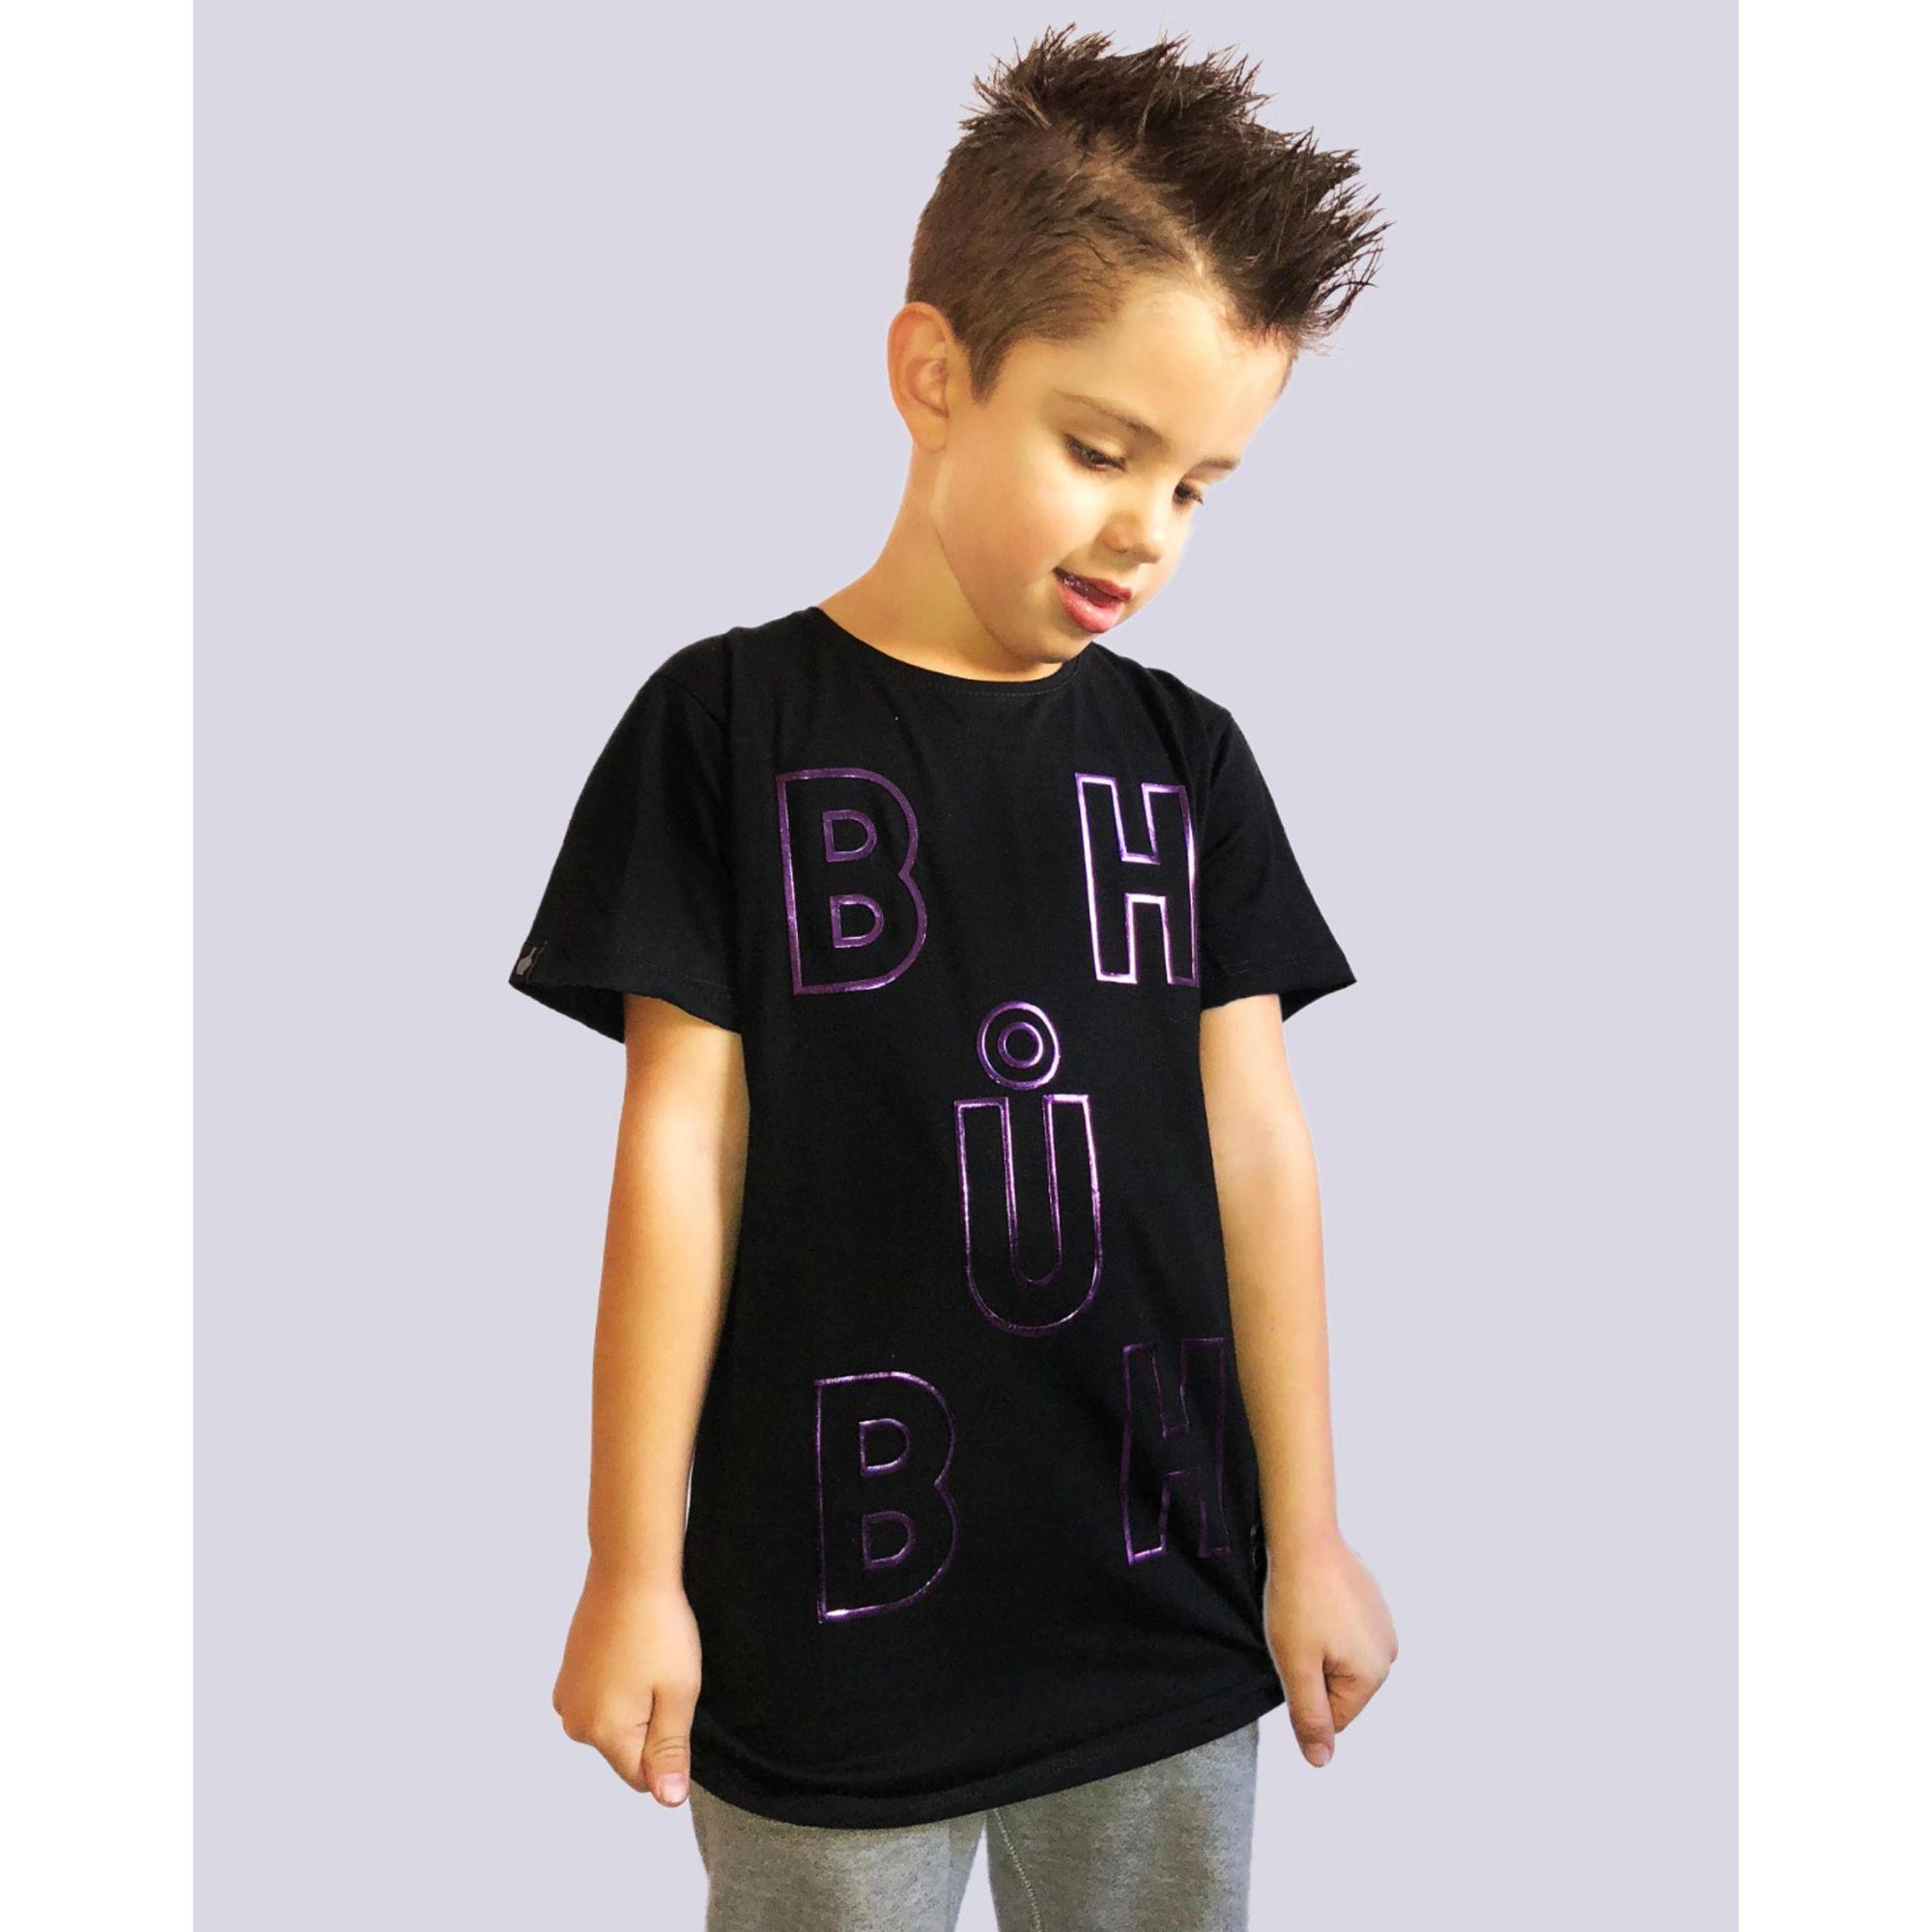 Camiseta Buh Kids X